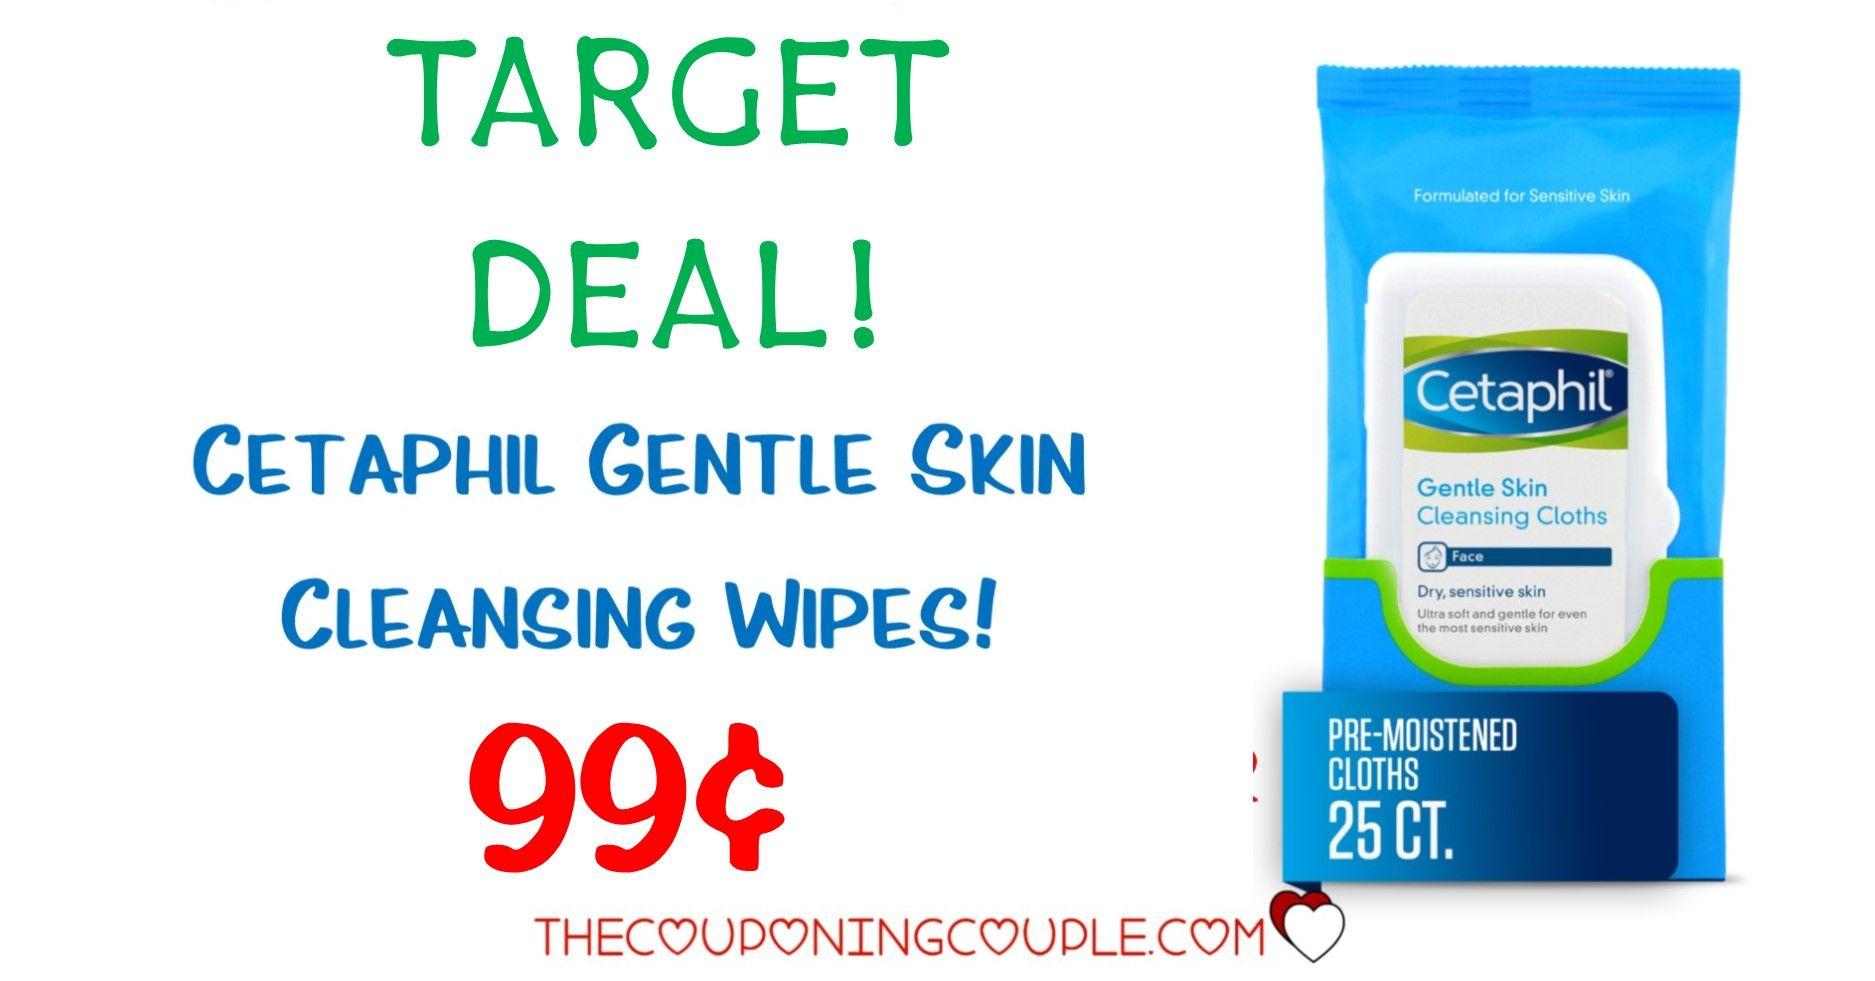 Cetaphil gentle skin cleansing cloths 149 target